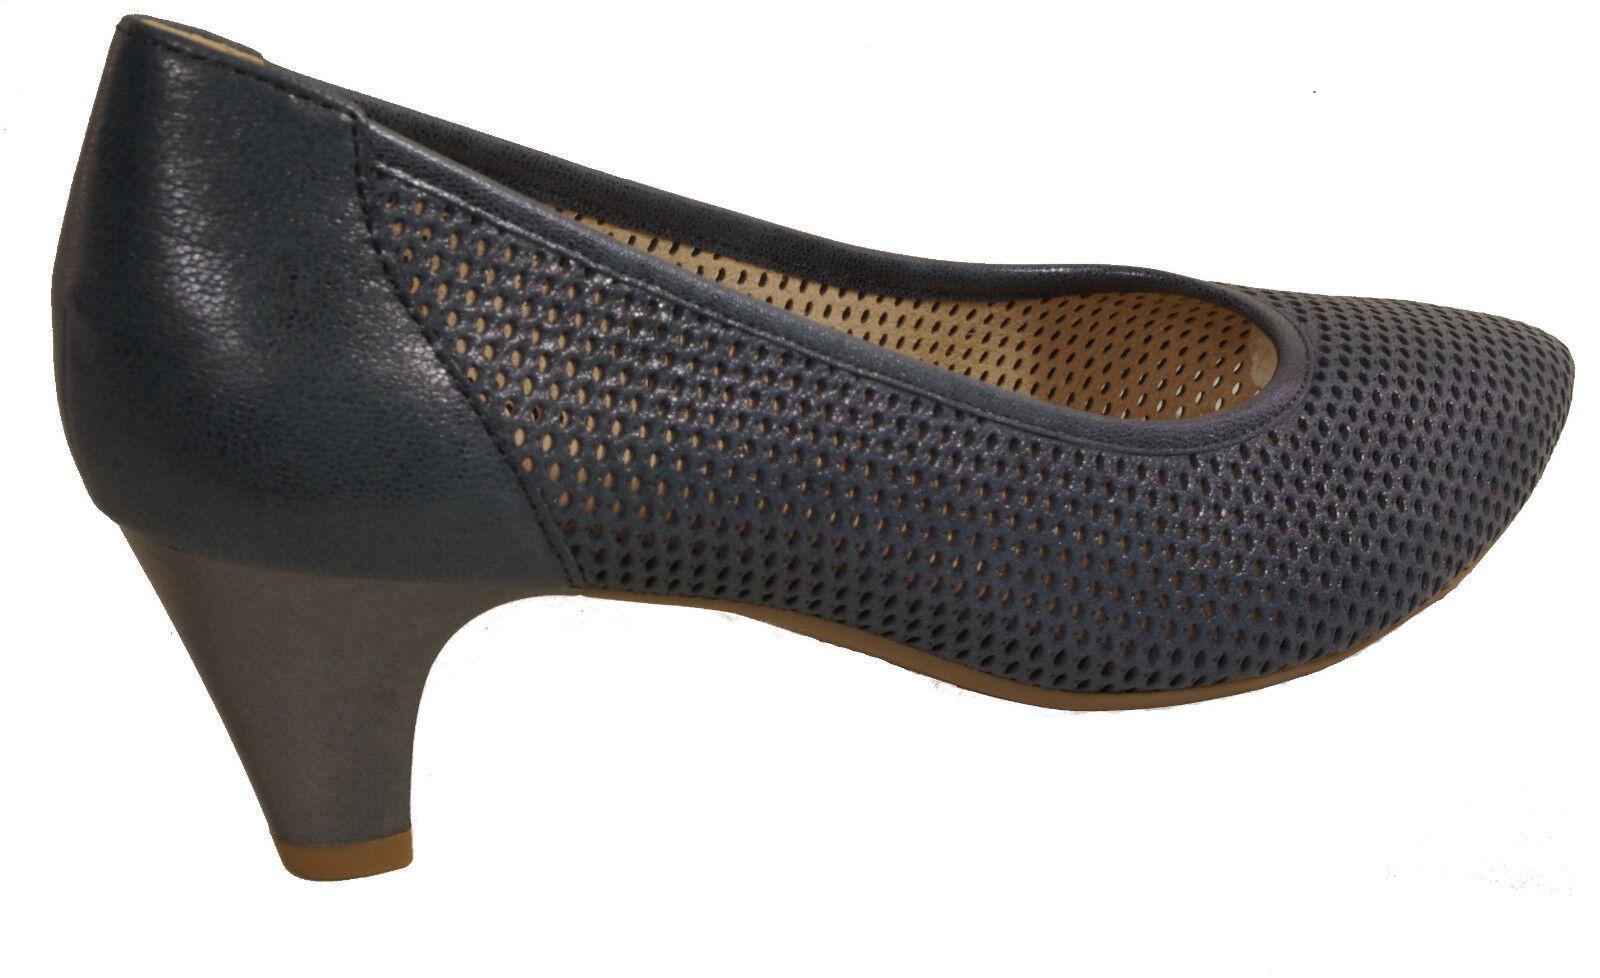 CAPRICE Schuhe Pumps blau metallic echt Luft Leder - laufen auf Luft echt - NEU a05374